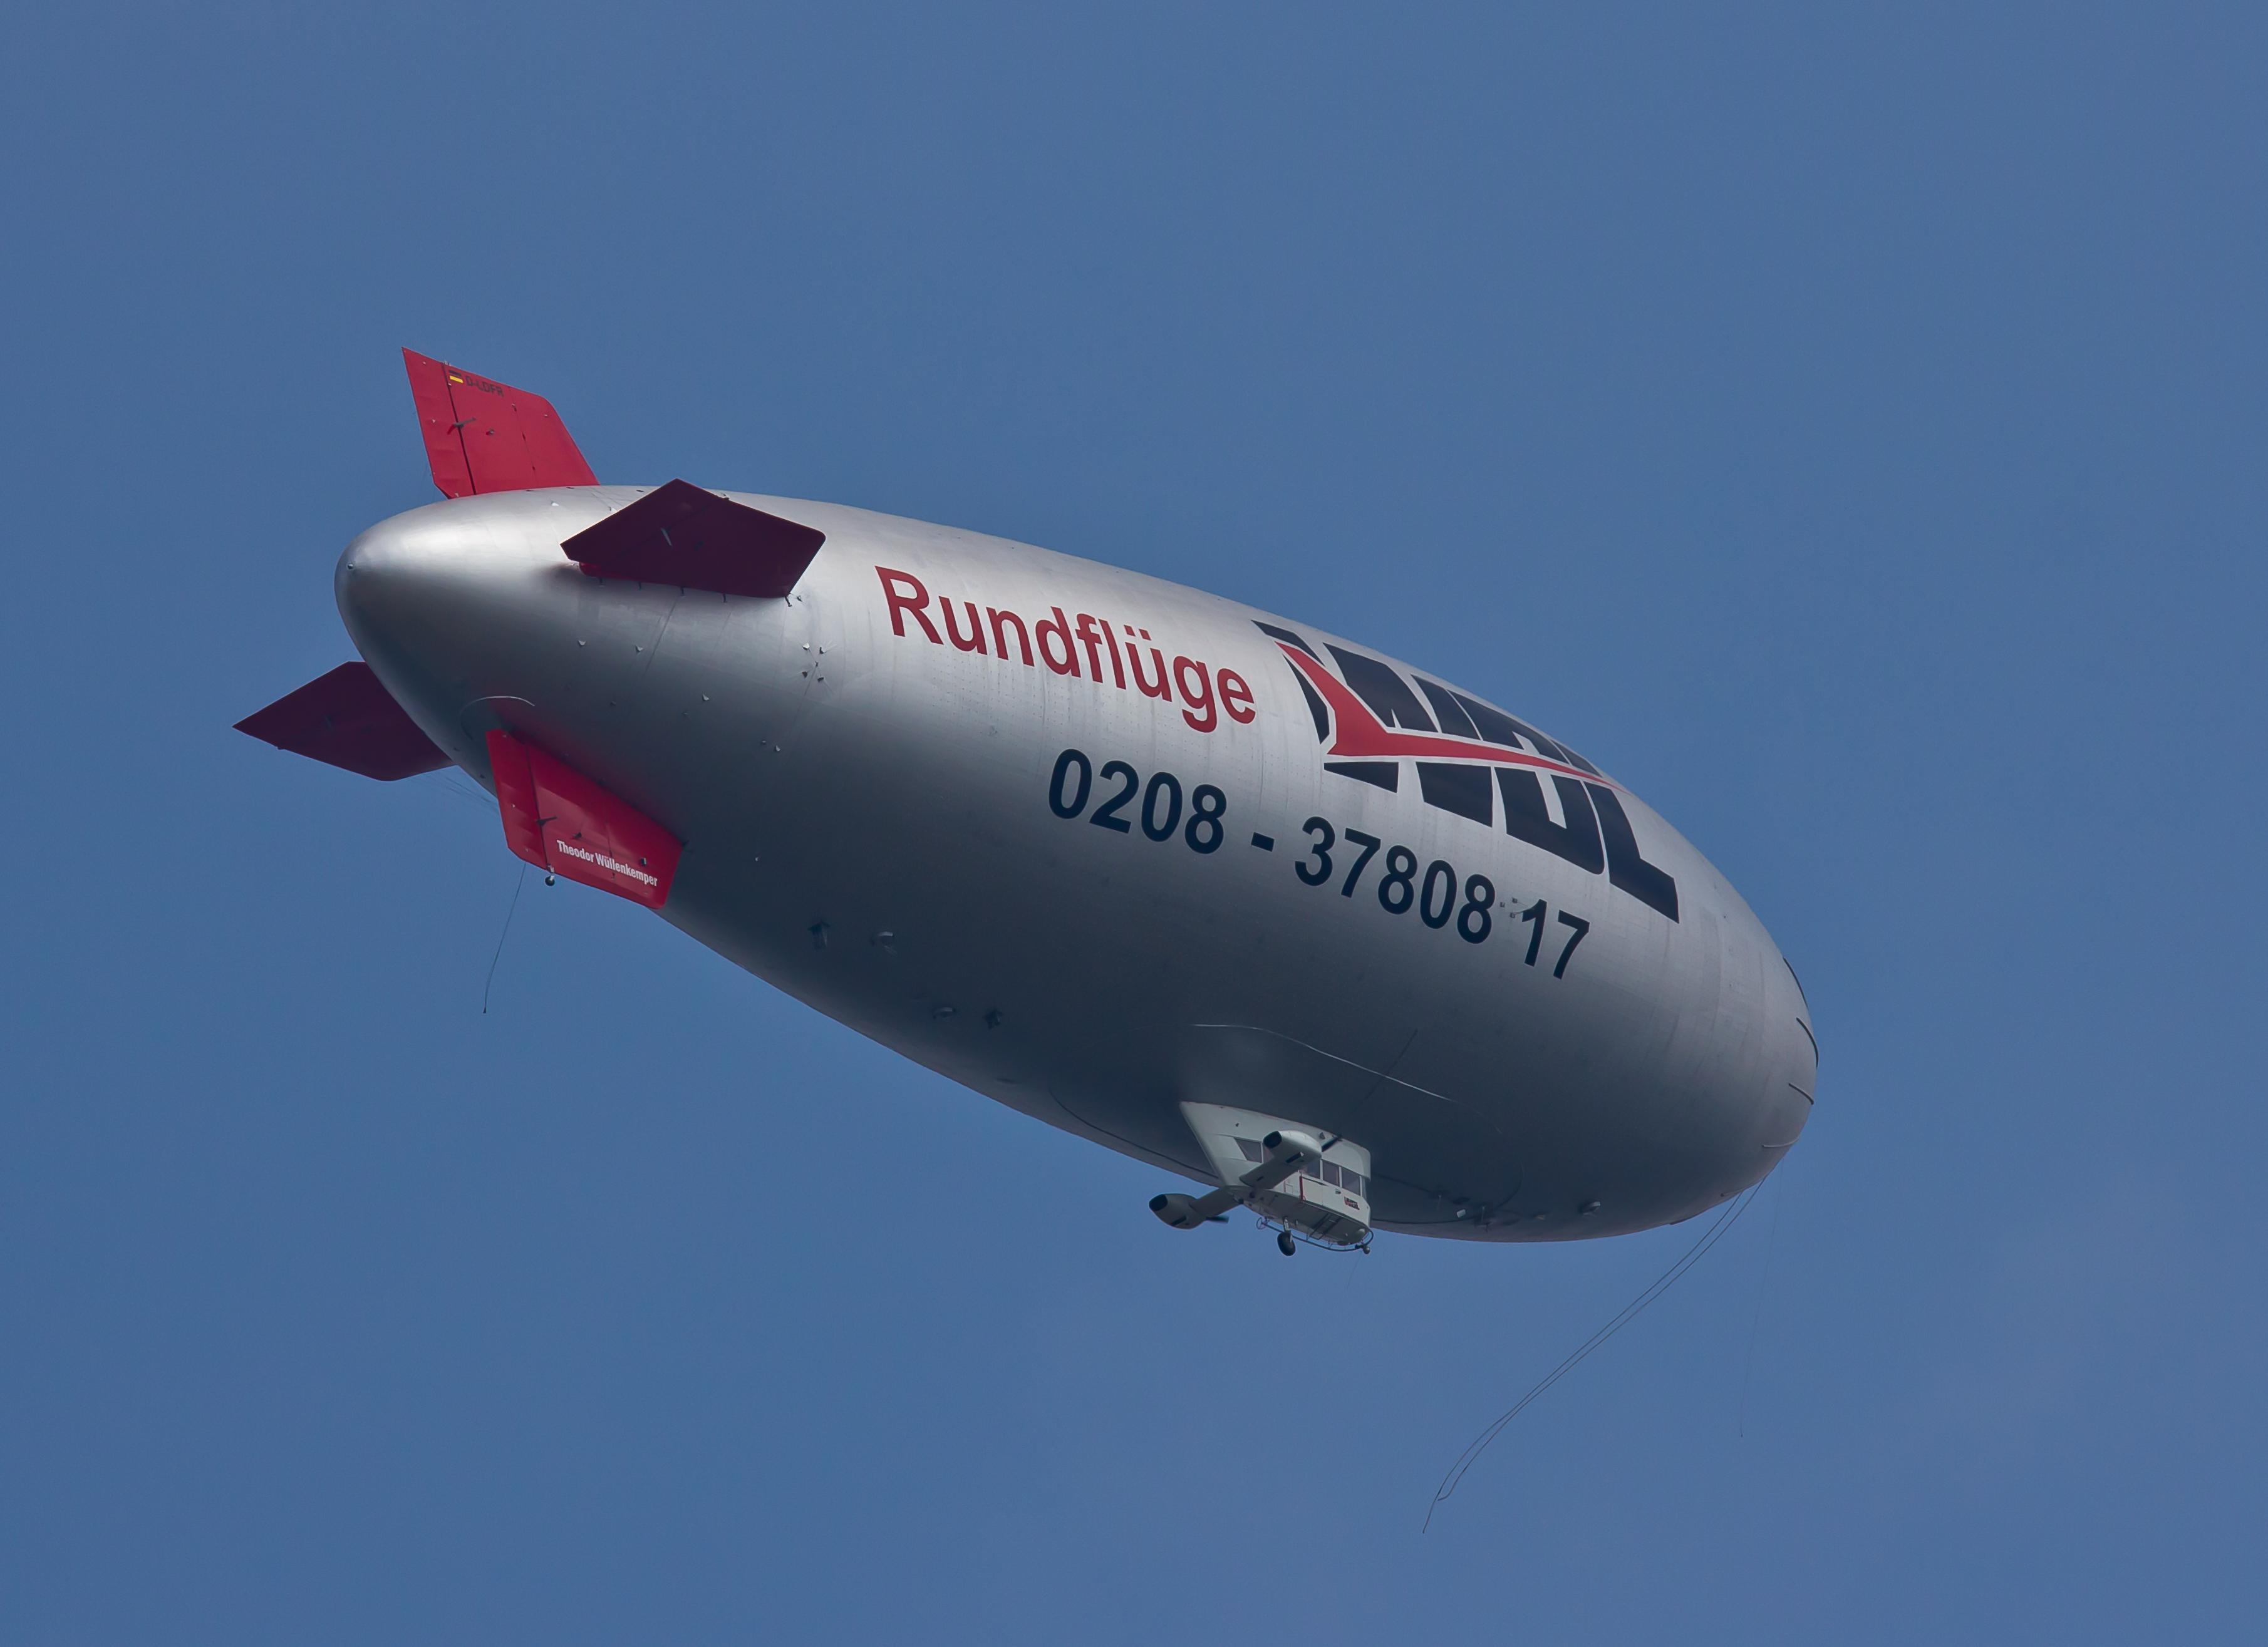 File:Luftschiff D-LDFR der WDL Luftschiffgesellschaft-2457.jpg